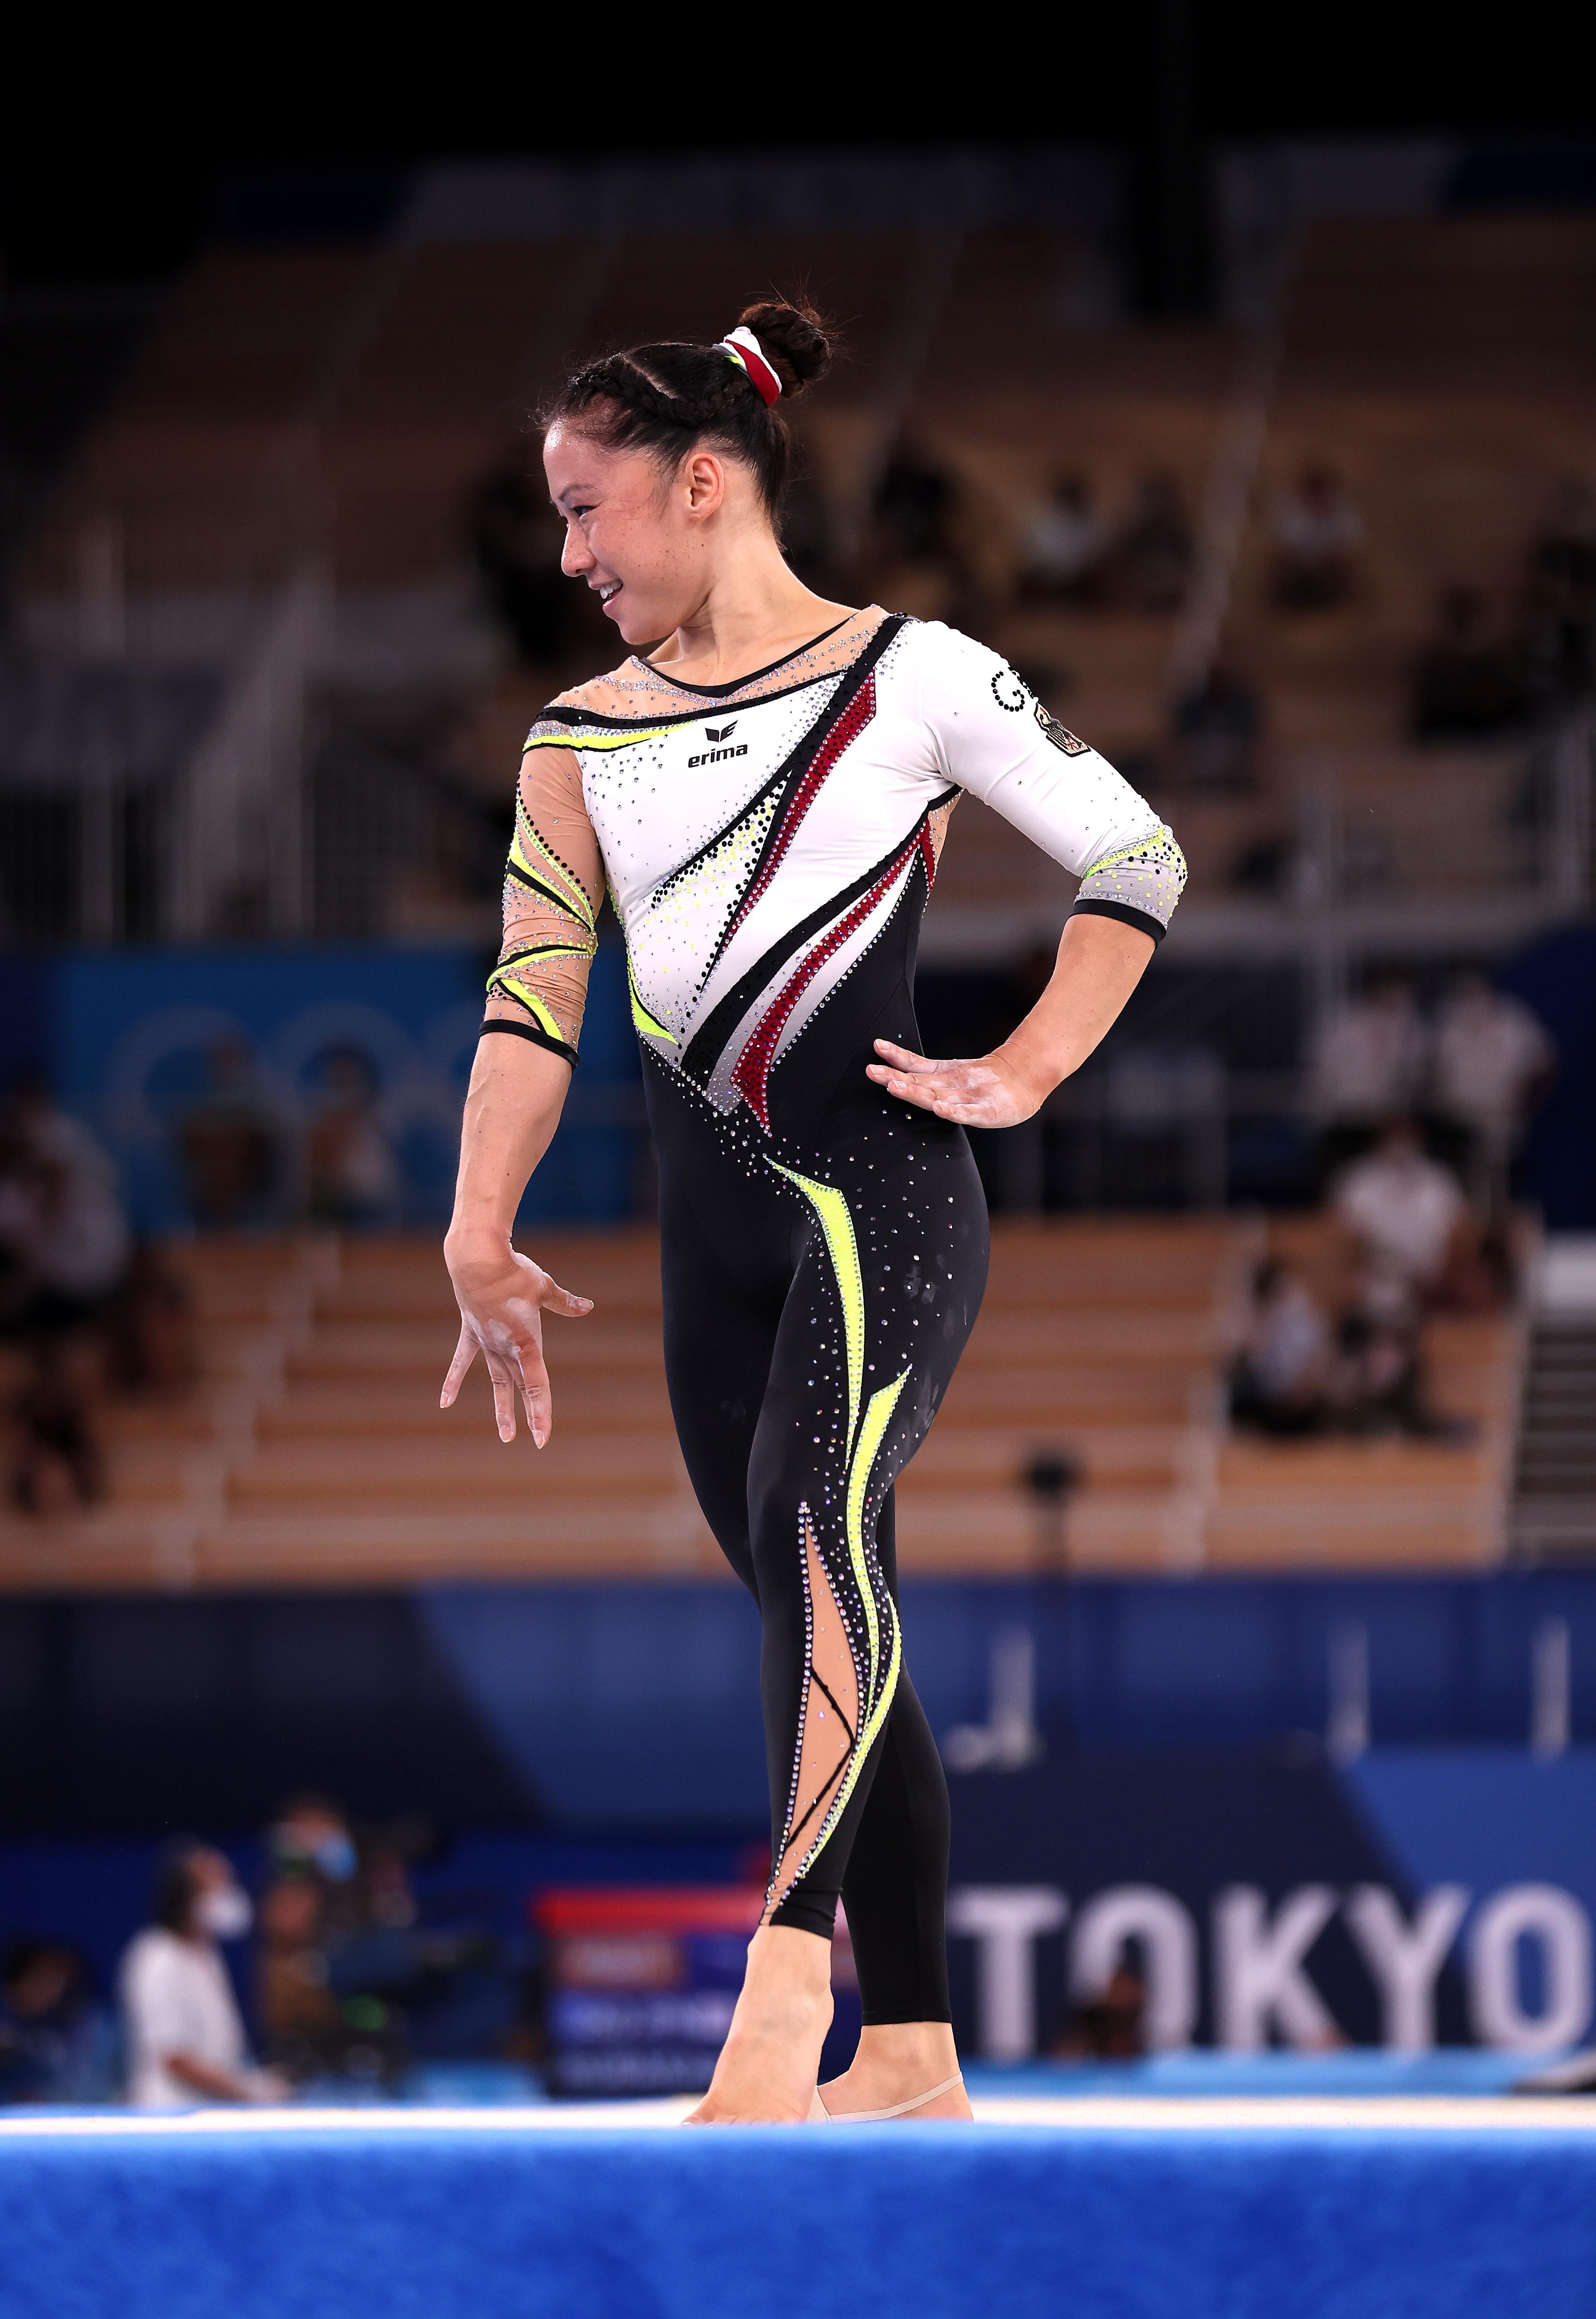 德国选手的长款体操服。